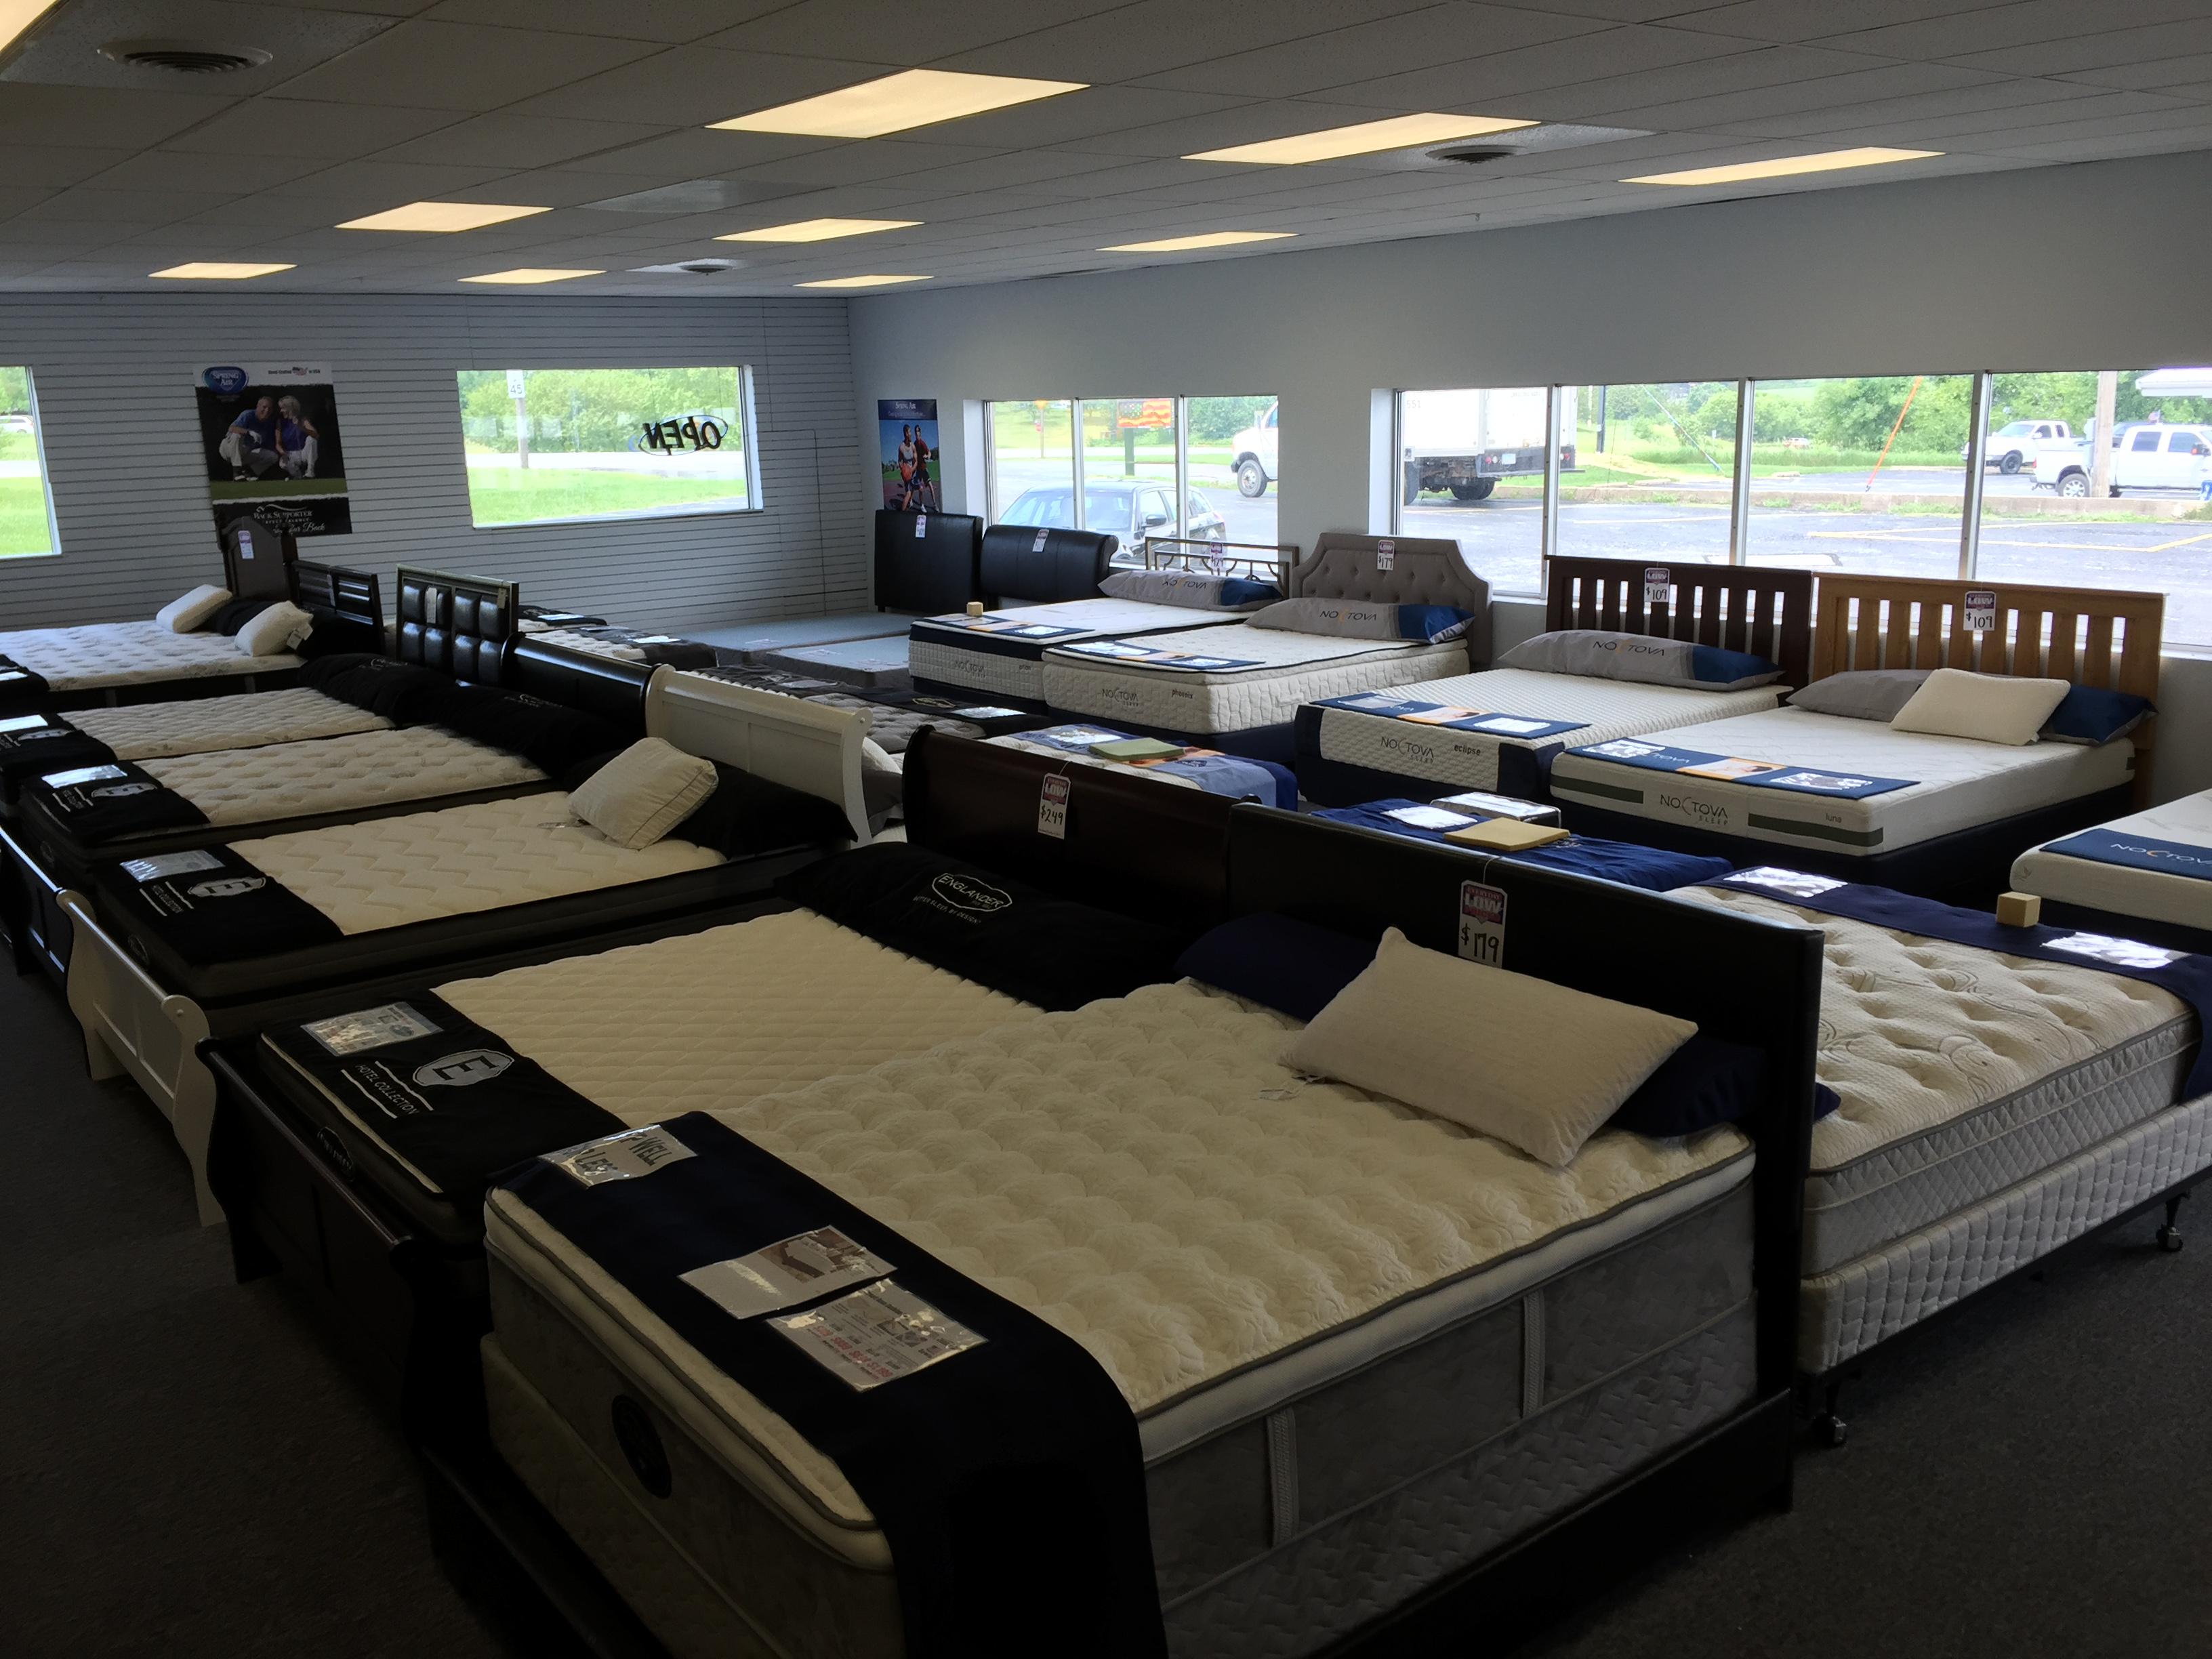 Valumaxx Mattress Factory Direct Mattress In Davenport Ia 563 391 4